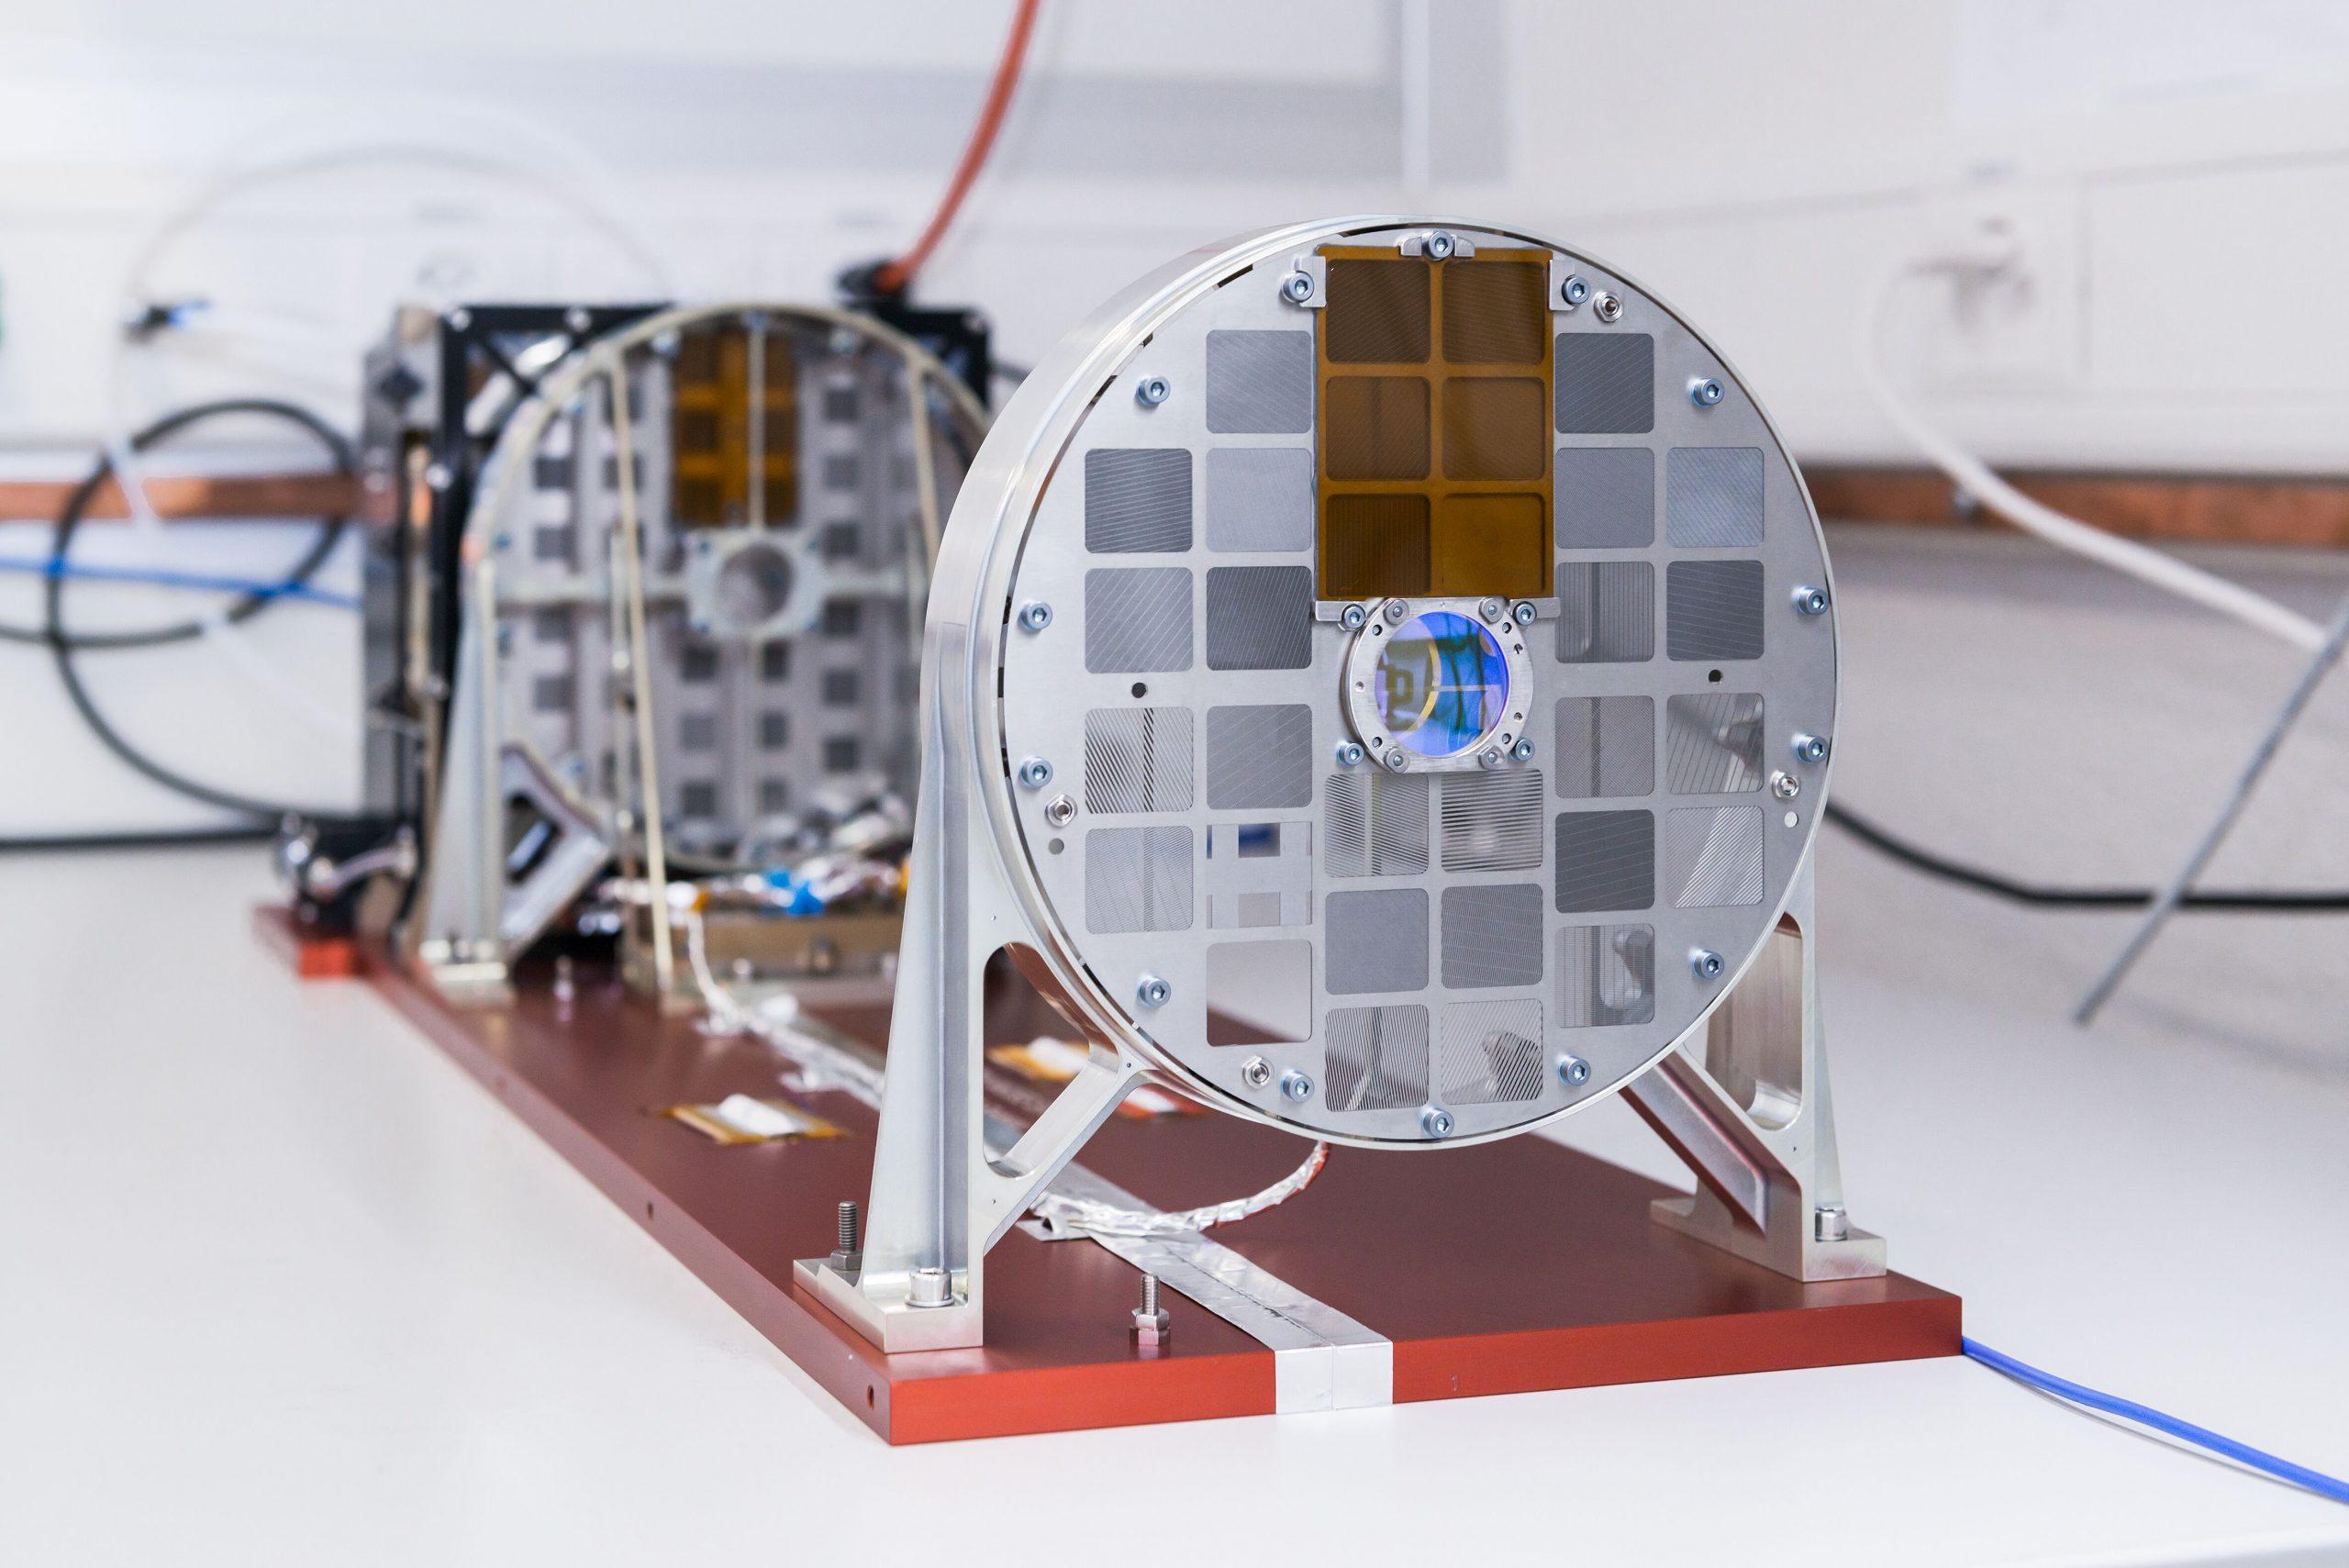 •Instrument STIX (Spectrometer/ Telescope for Imaging X-rays) opracowany z udziałem Polaków z Centrum Badań Kosmicznych PAN. Fot. Jan Hellmann.